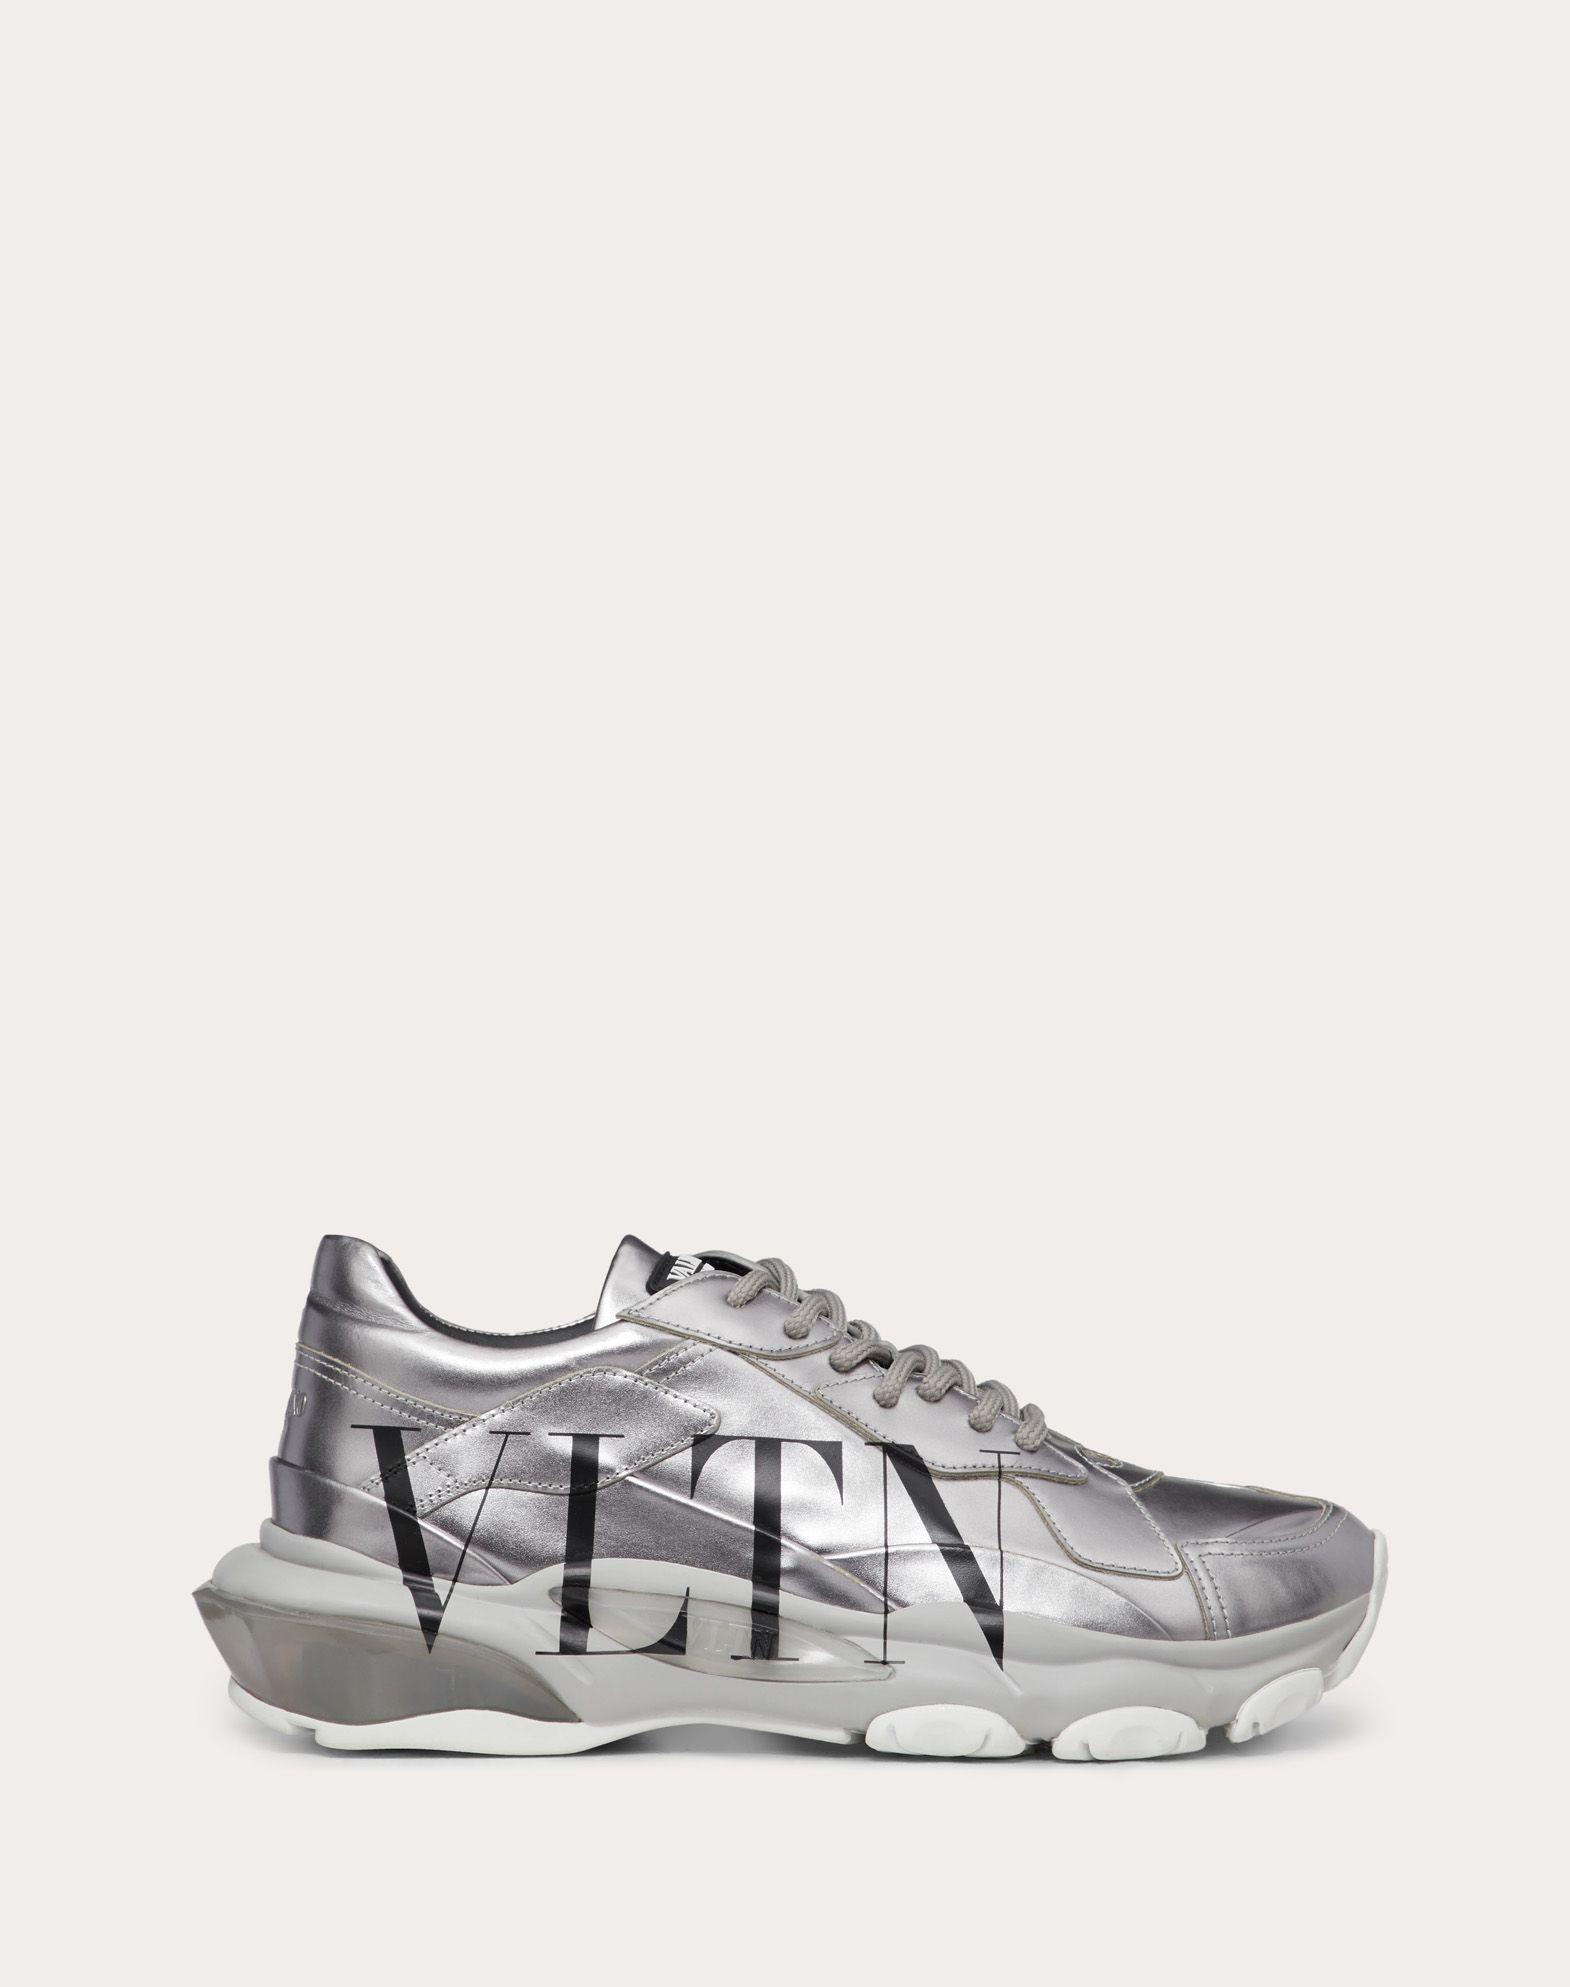 Lowtop-Sneaker Bounce VLTN